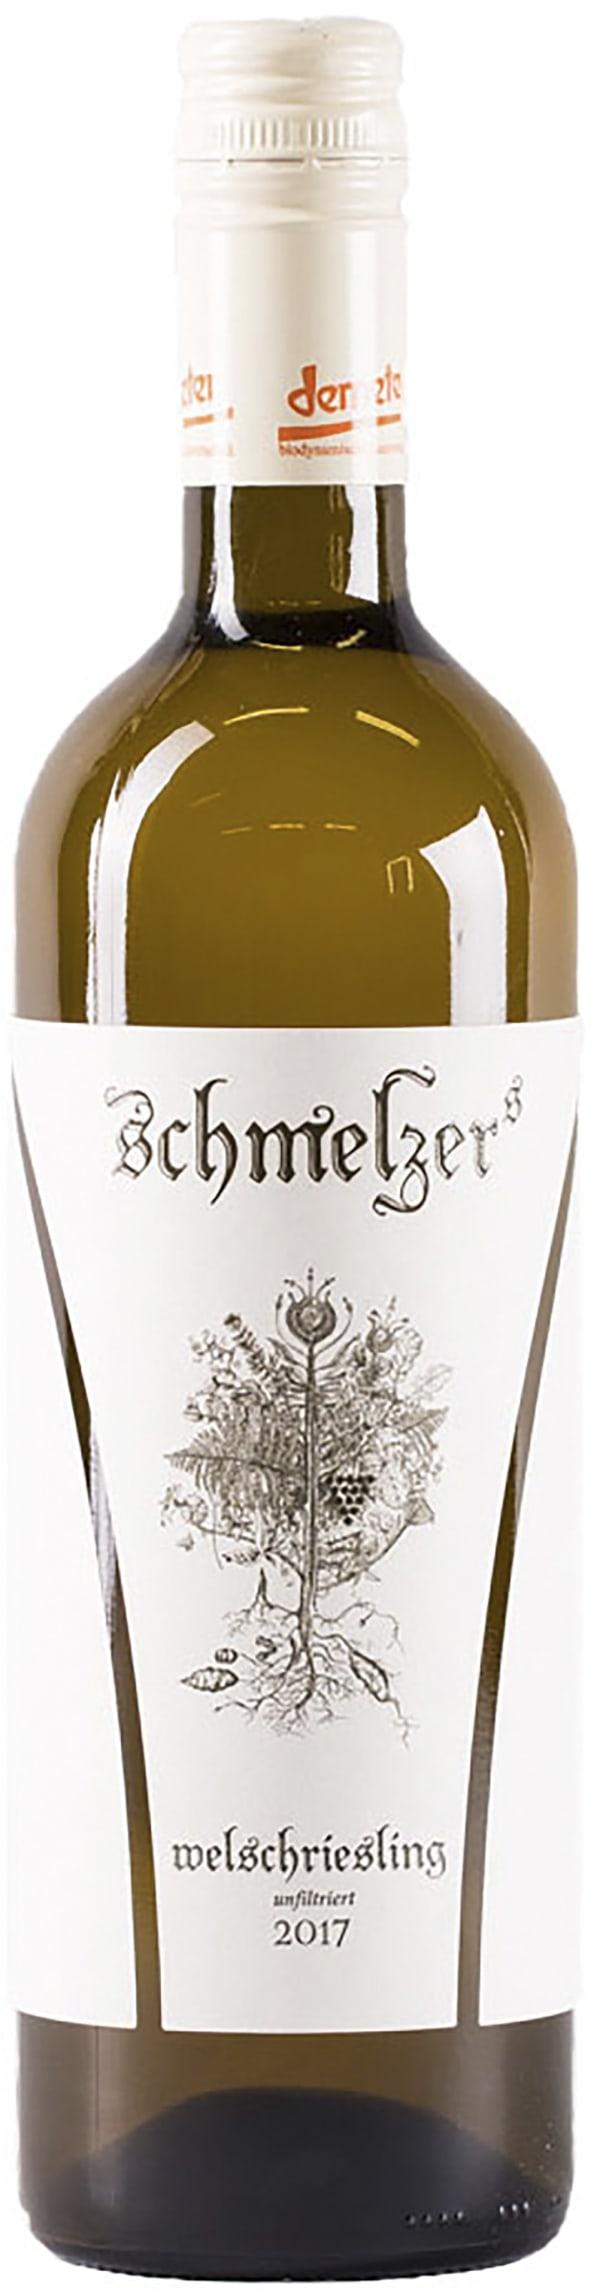 Schmelzer Welschriesling 2018